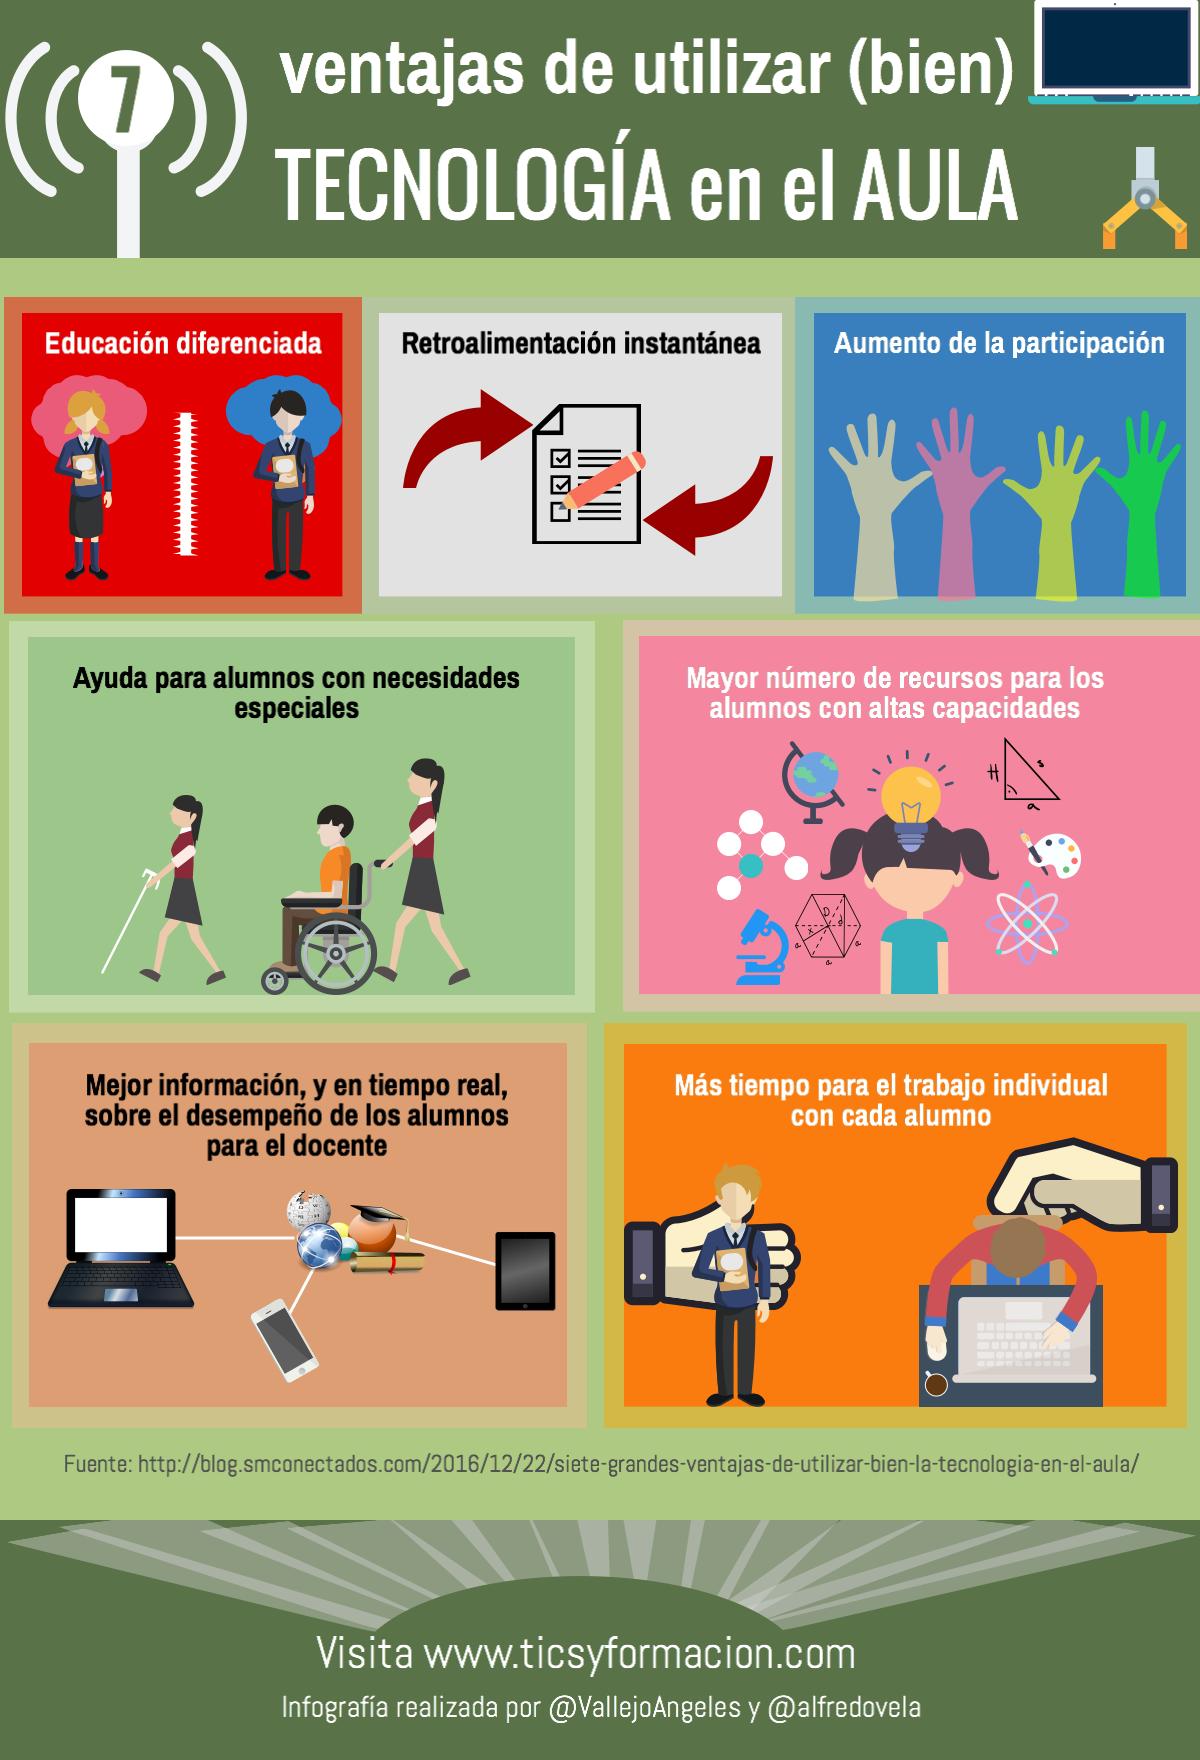 7 Ventajas De Utilizar Bien La Tecnología En El Aula Infografia Infographic Education Tics Y Formación Tecnología Educativa Tecnologias De La Informacion Y Comunicacion Aprendizaje